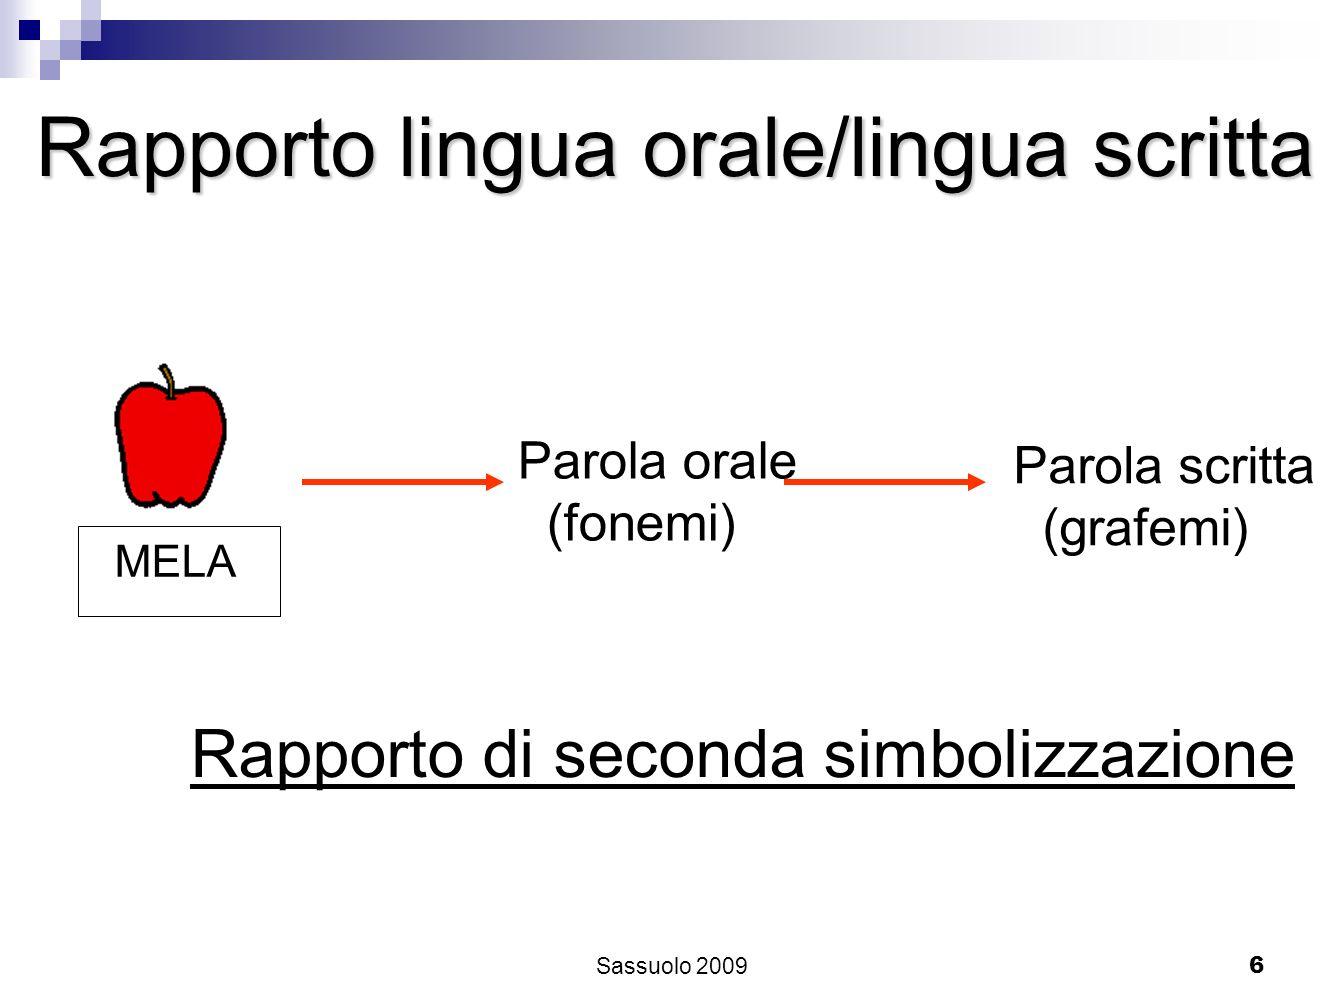 6 Rapporto di seconda simbolizzazione Parola orale (fonemi) Parola scritta (grafemi) MELA Rapporto lingua orale/lingua scritta Sassuolo 2009